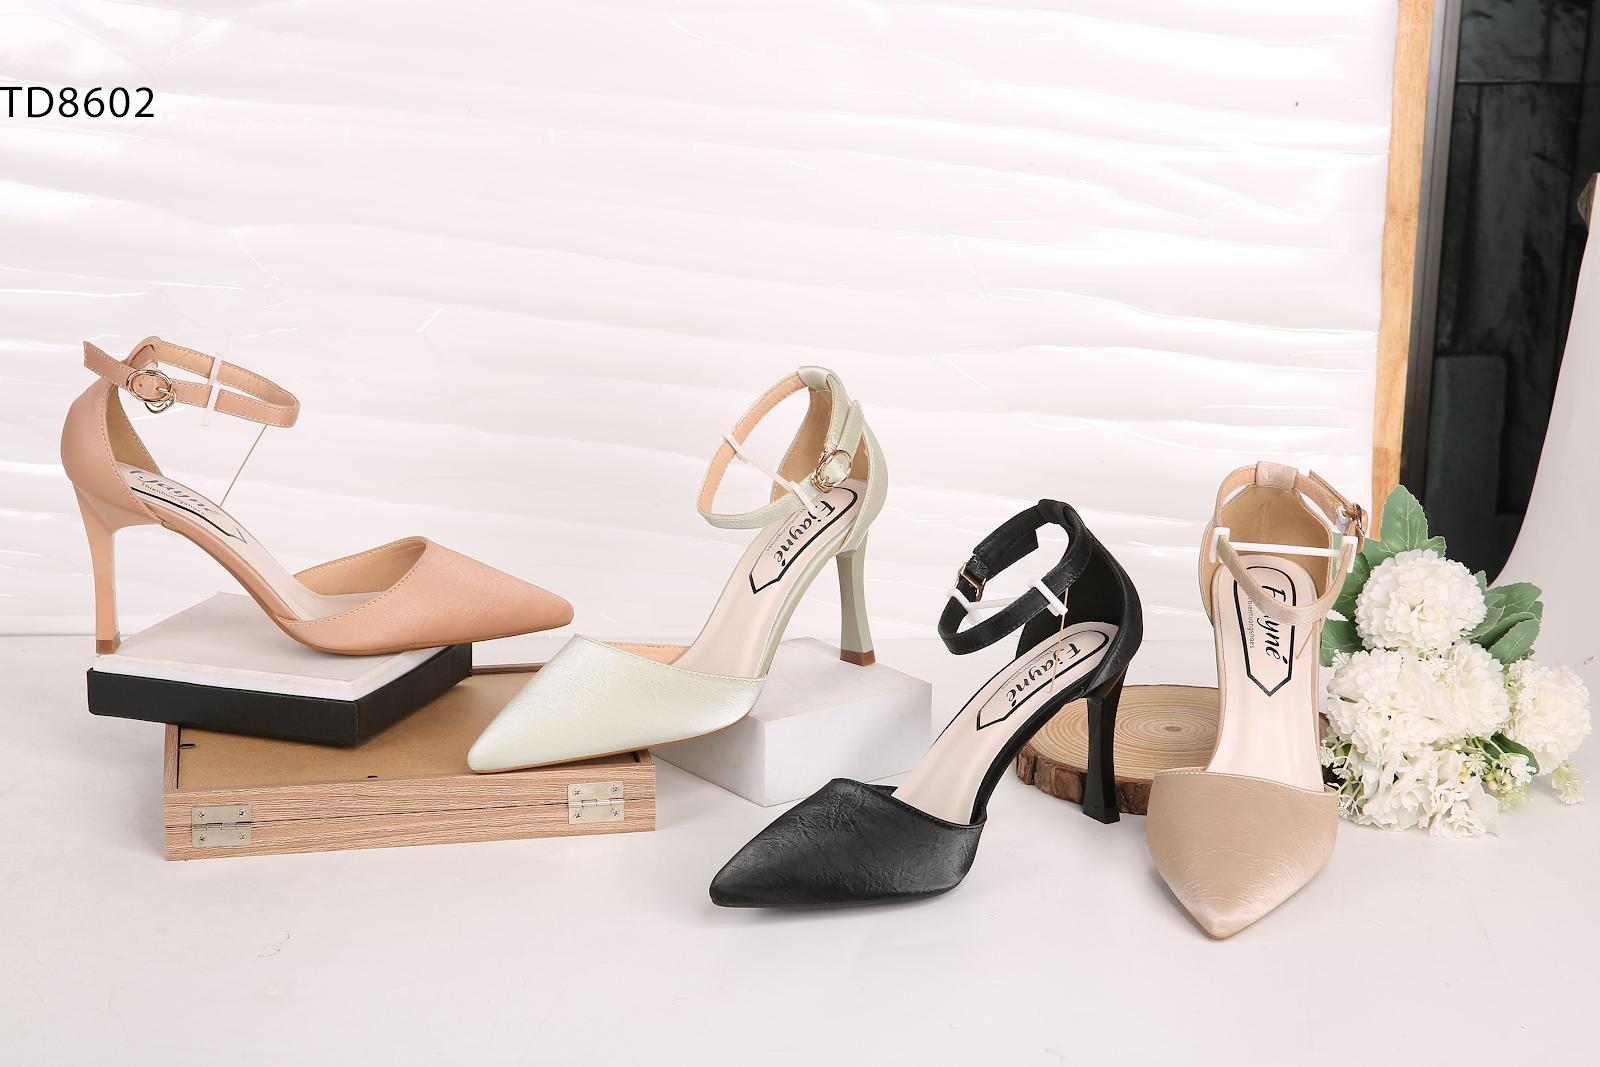 Nhiều mẫu giày sang trọng dành cho các chị em